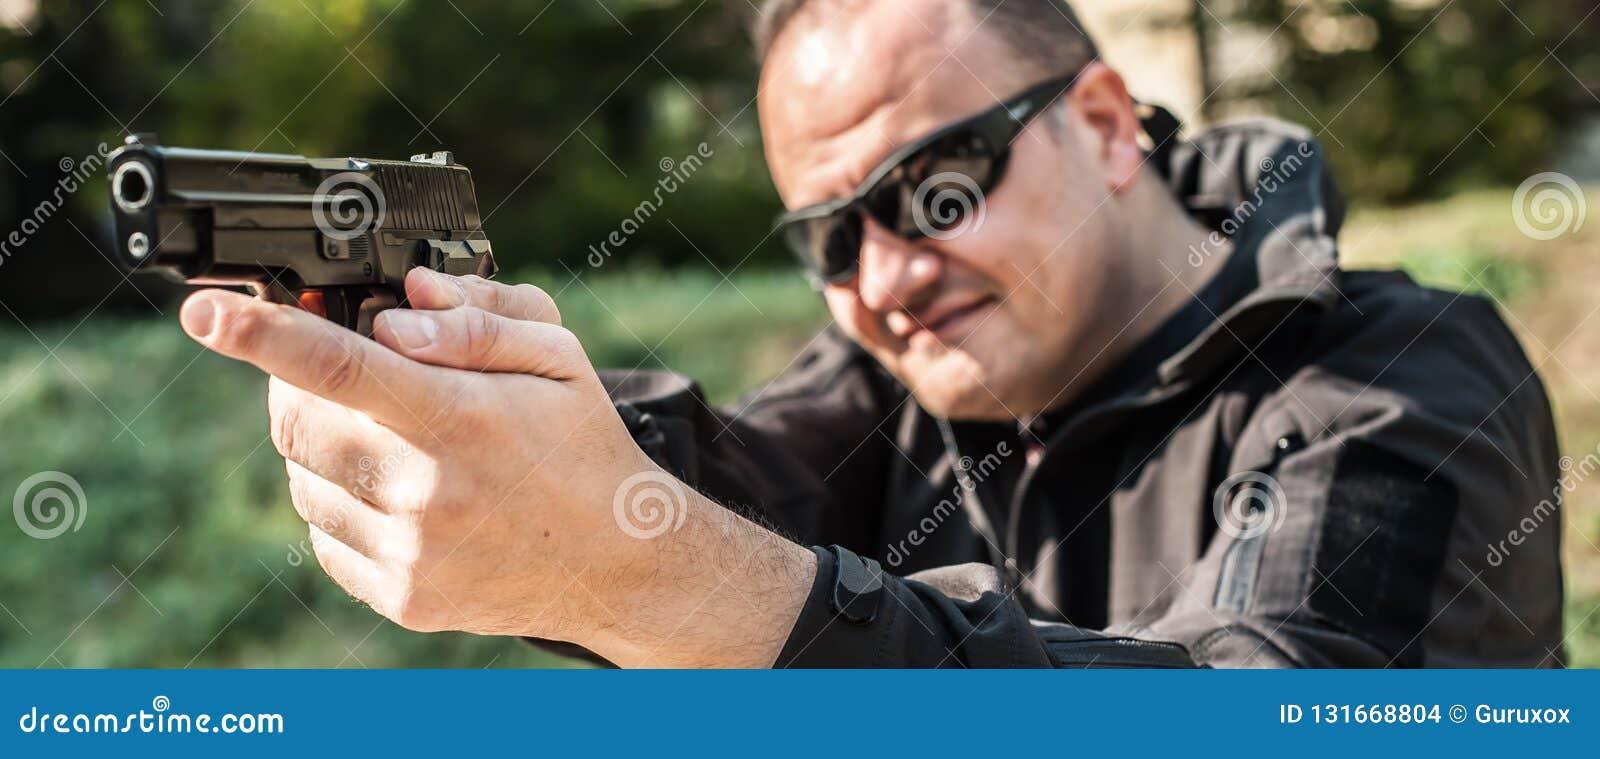 Polizeiagent und Leibwächter, die Pistole zeigen, um sich vor Angreifer zu schützen